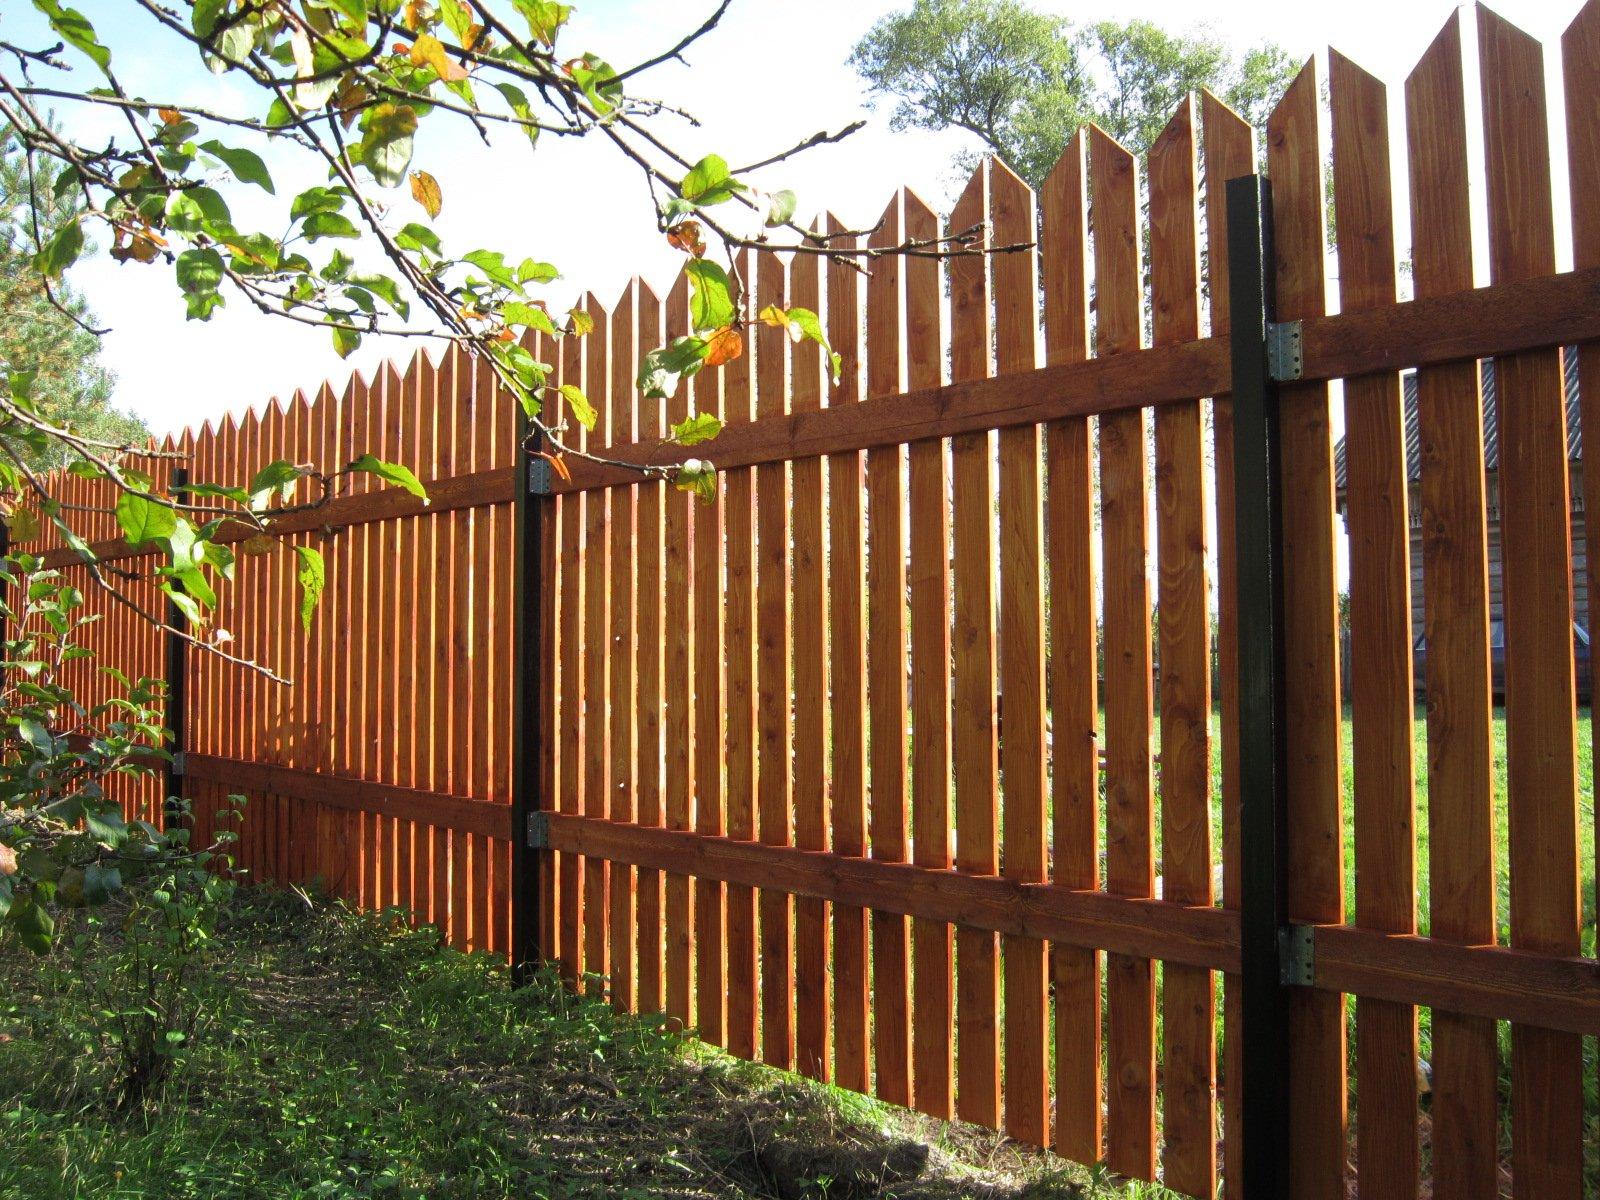 забор из штакетника деревянного фото знакомый мне бербер